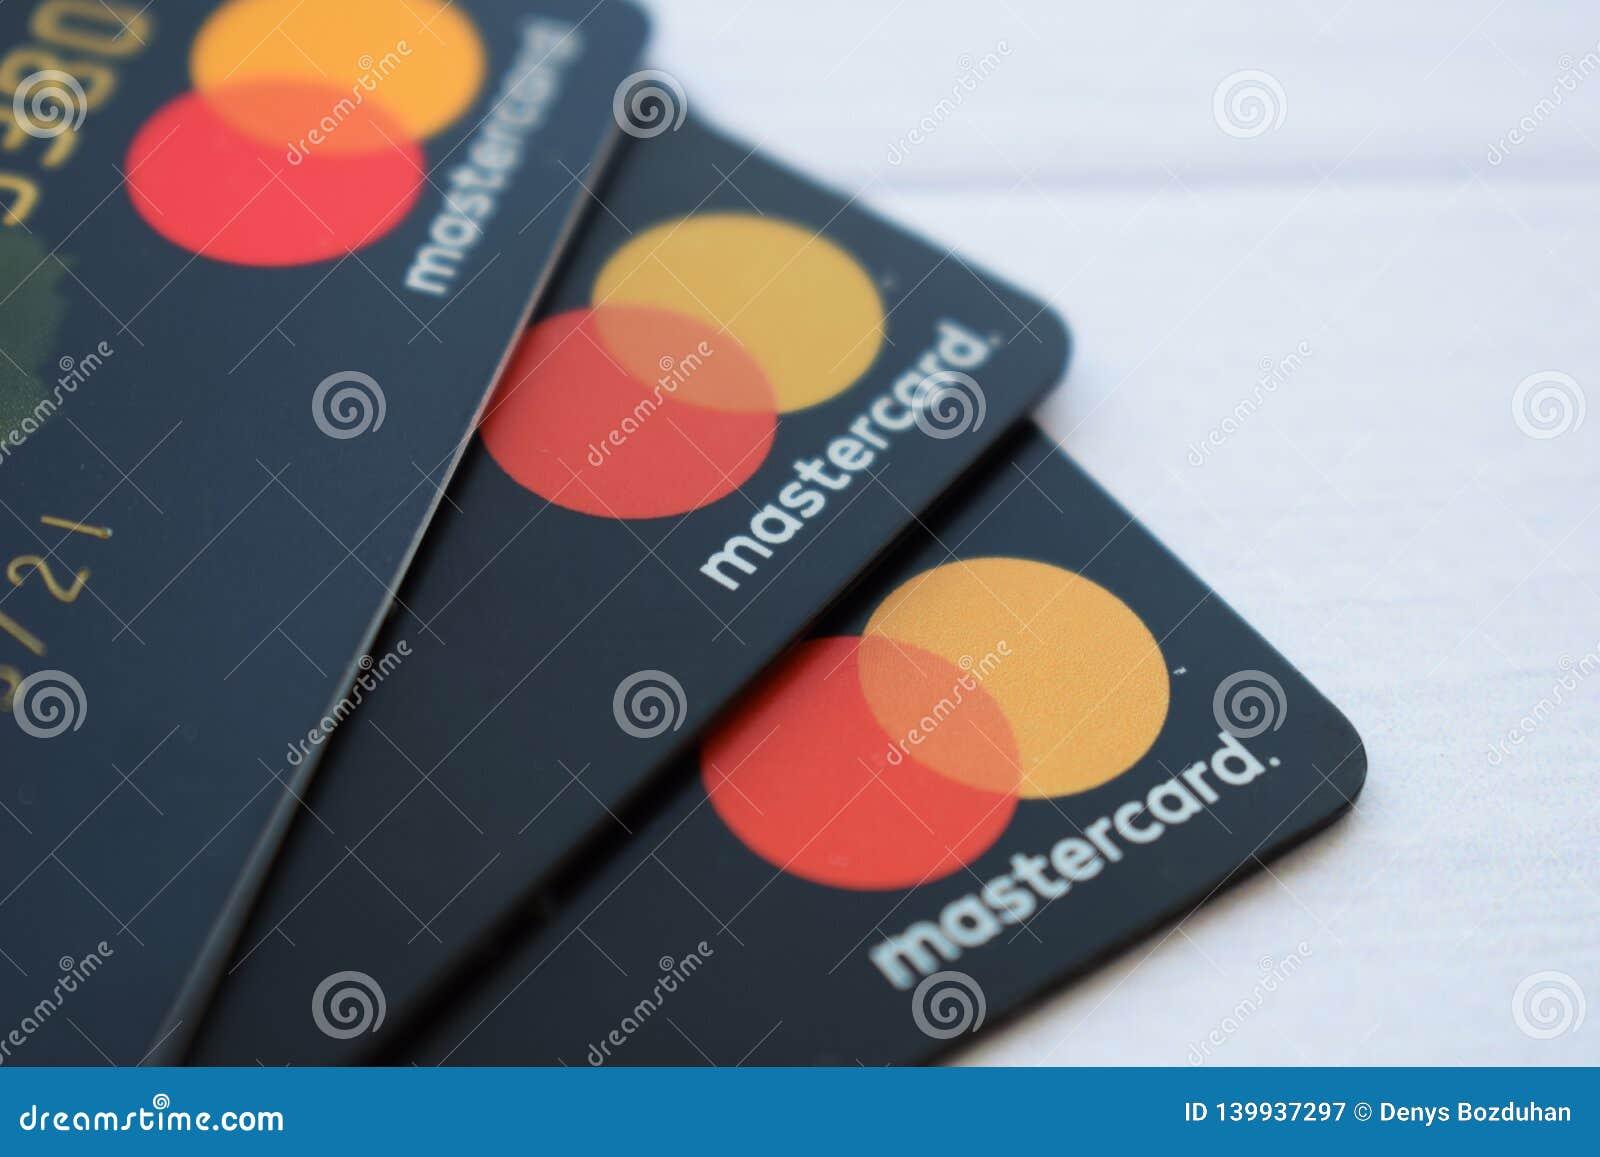 Ukraine, Kremenchug - Februar 2019: Schließen Sie oben von einem Stapel von MasterCard-Kreditlasts-Debetbankkarten